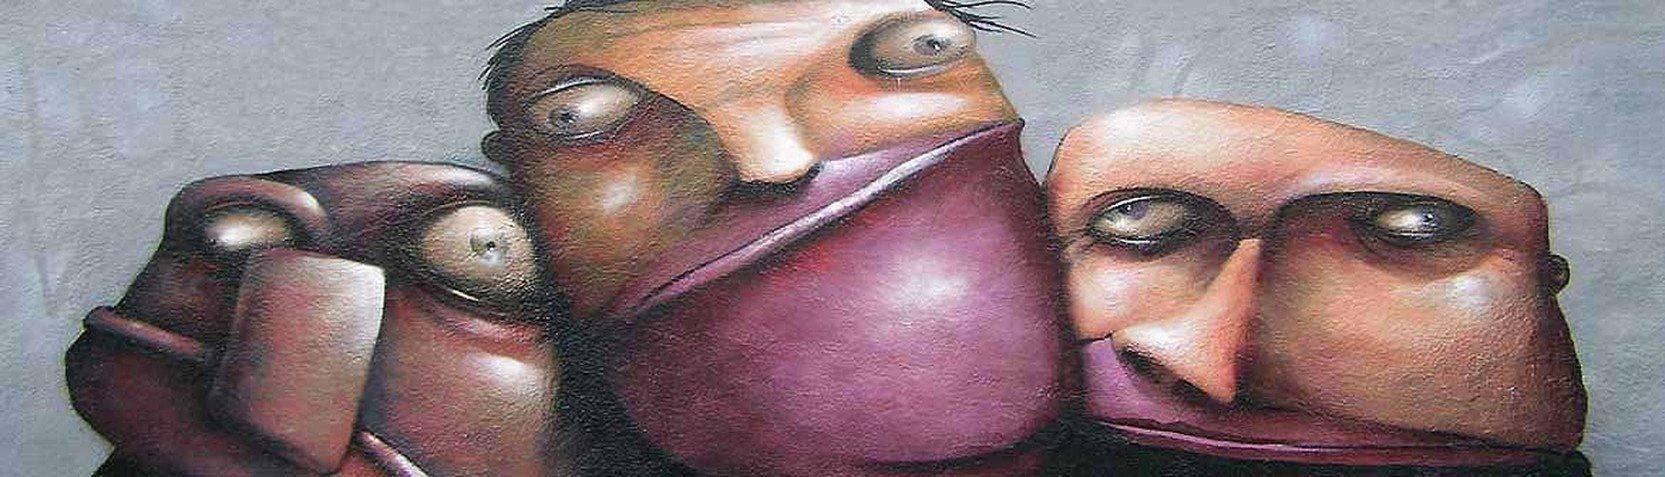 Estilos - Graffiti & streetart